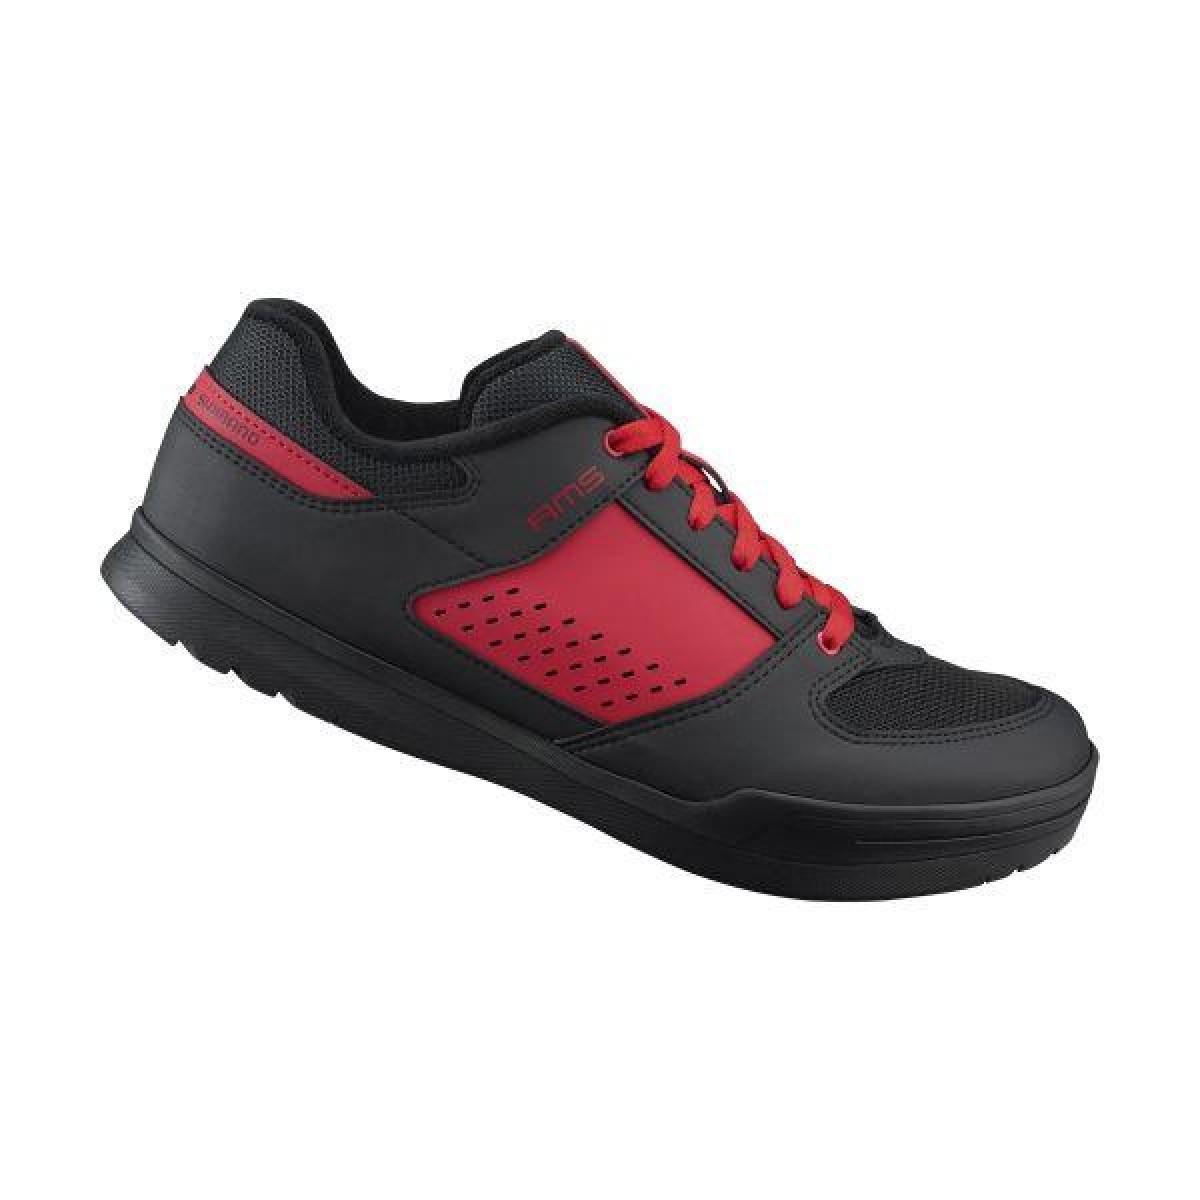 SHIMANO gravity obuv SH-AM501MR43, červená, 43